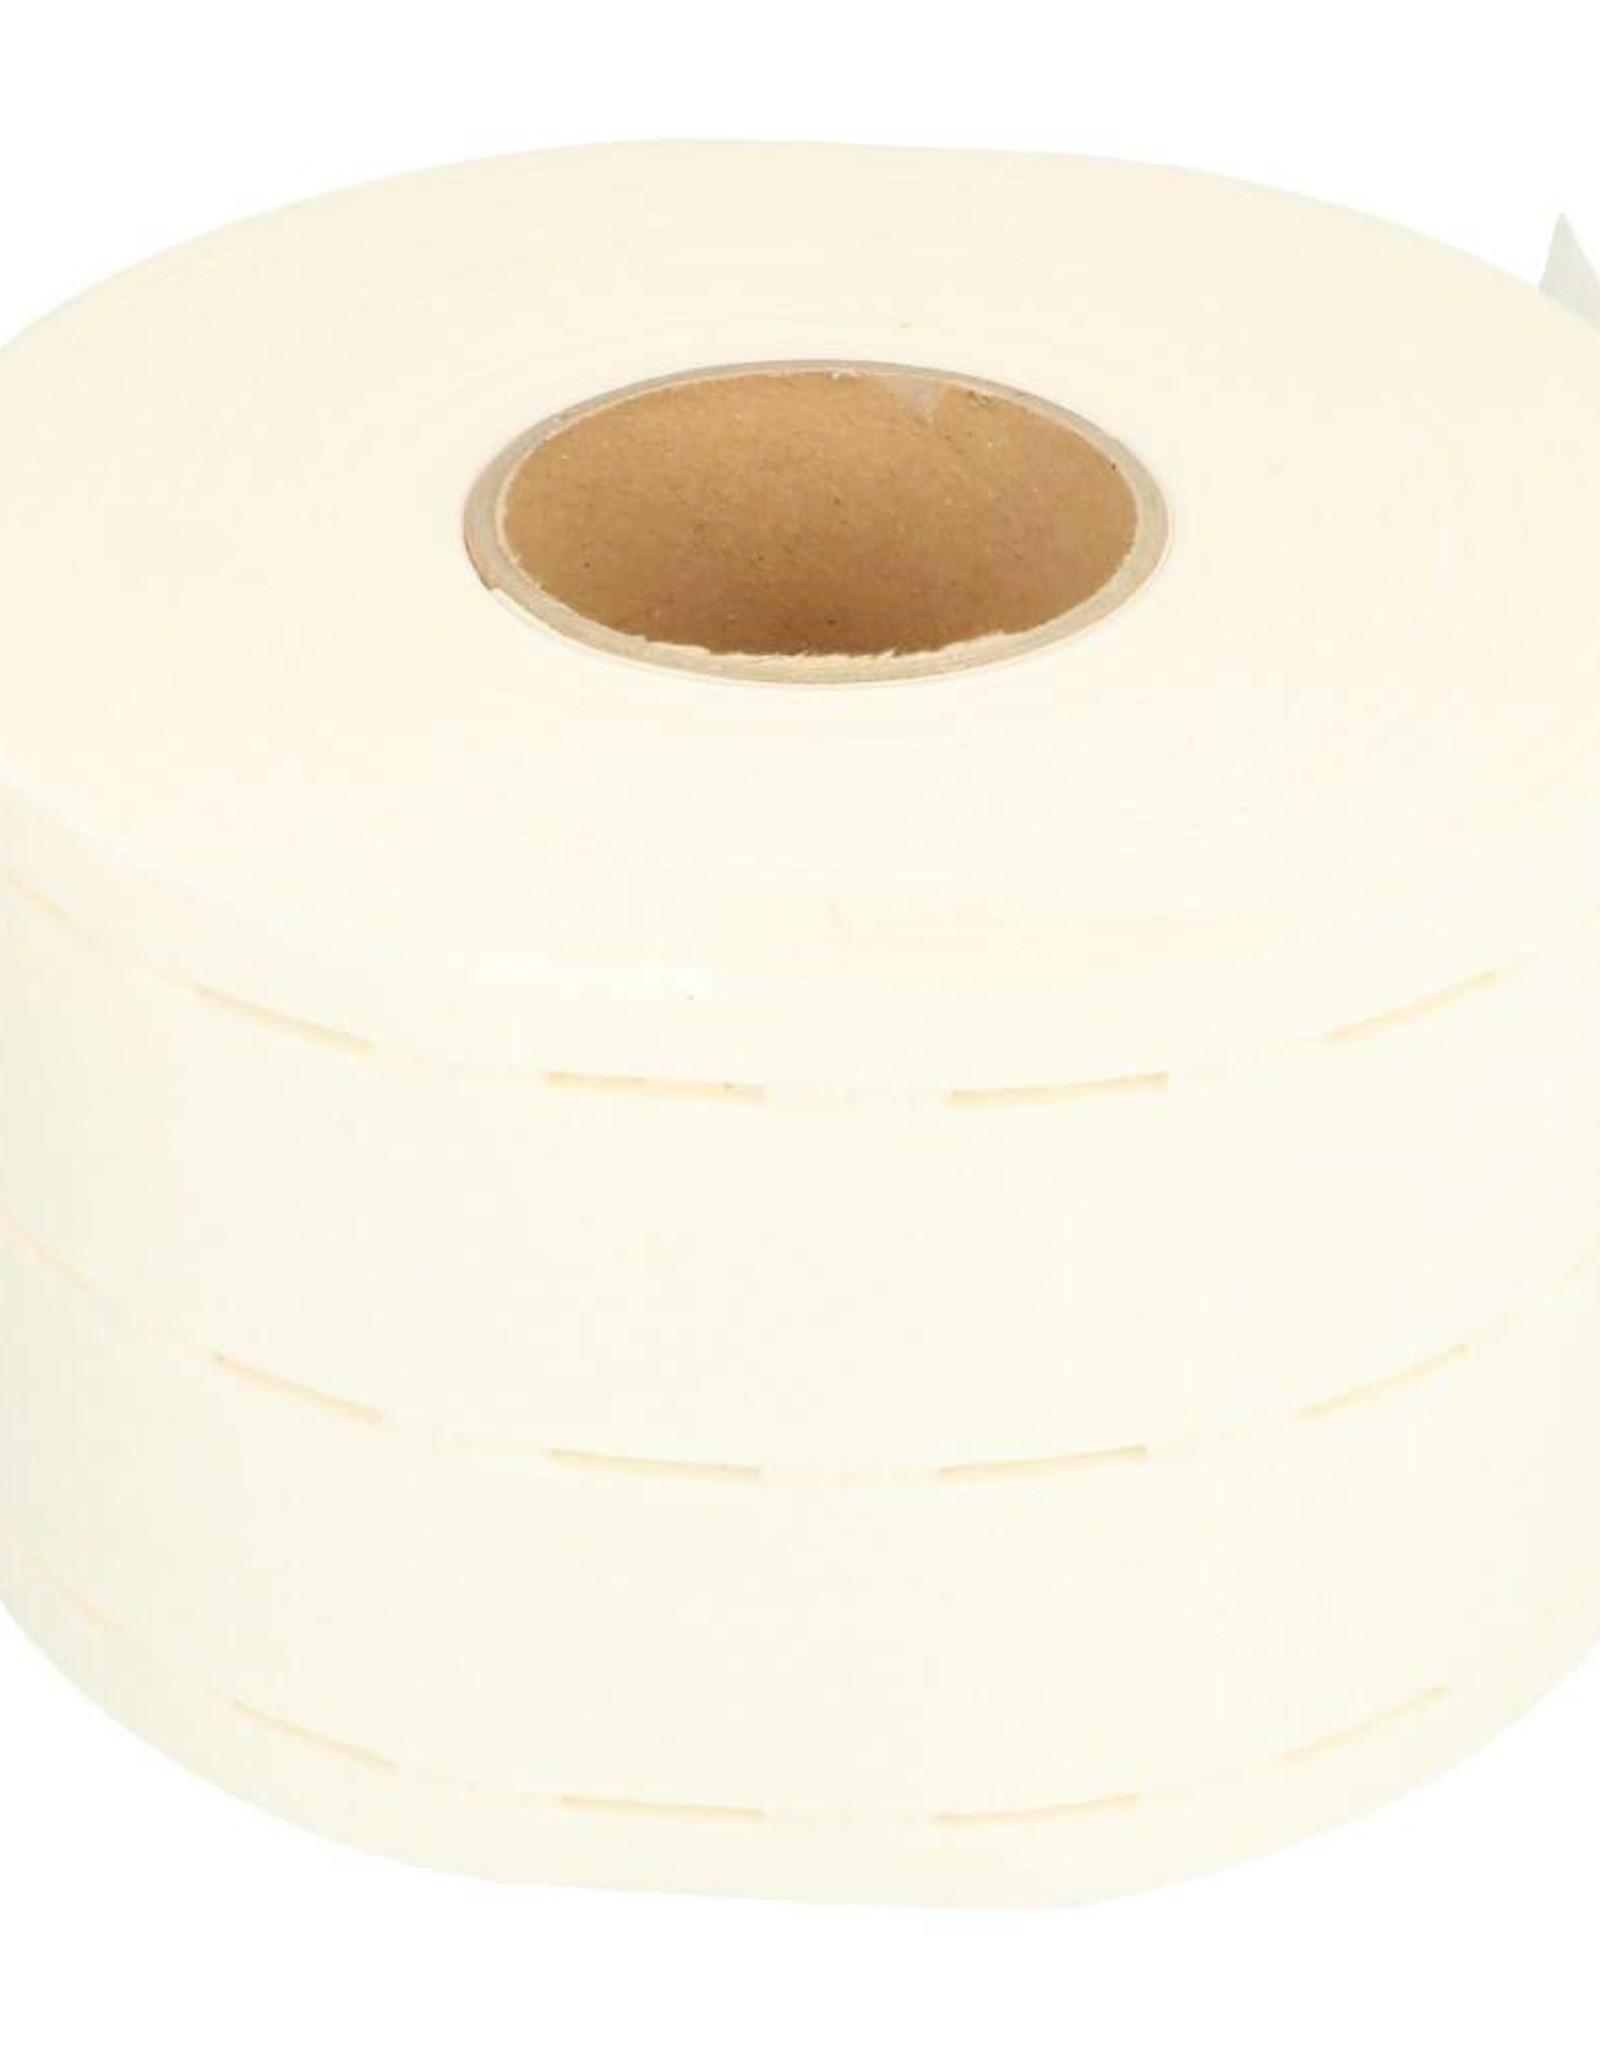 Vlieseline Tailleband versteviging - Wit - 35mm